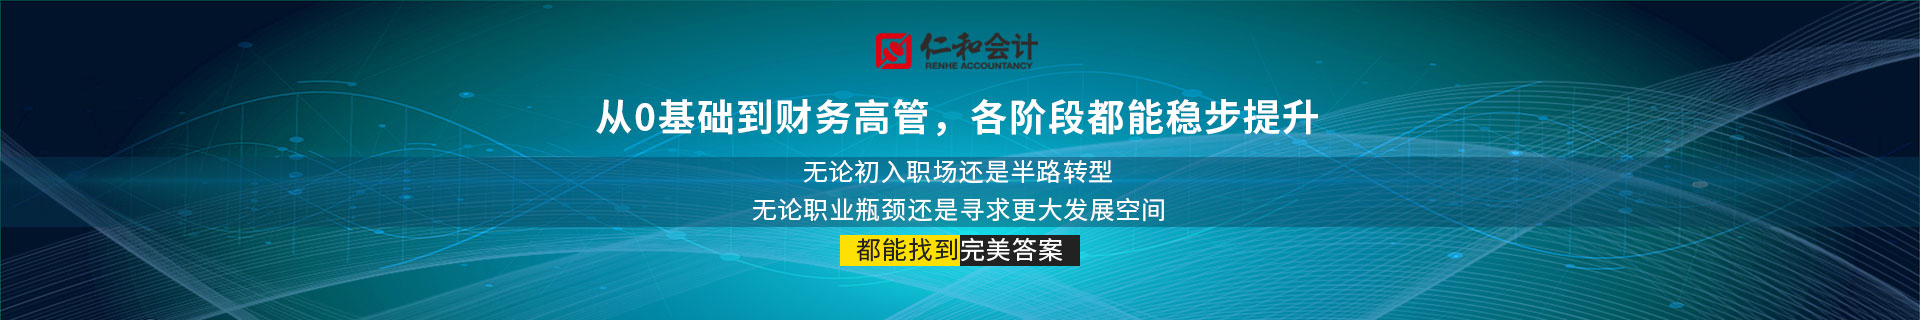 南昌青山湖仁和会计培训机构